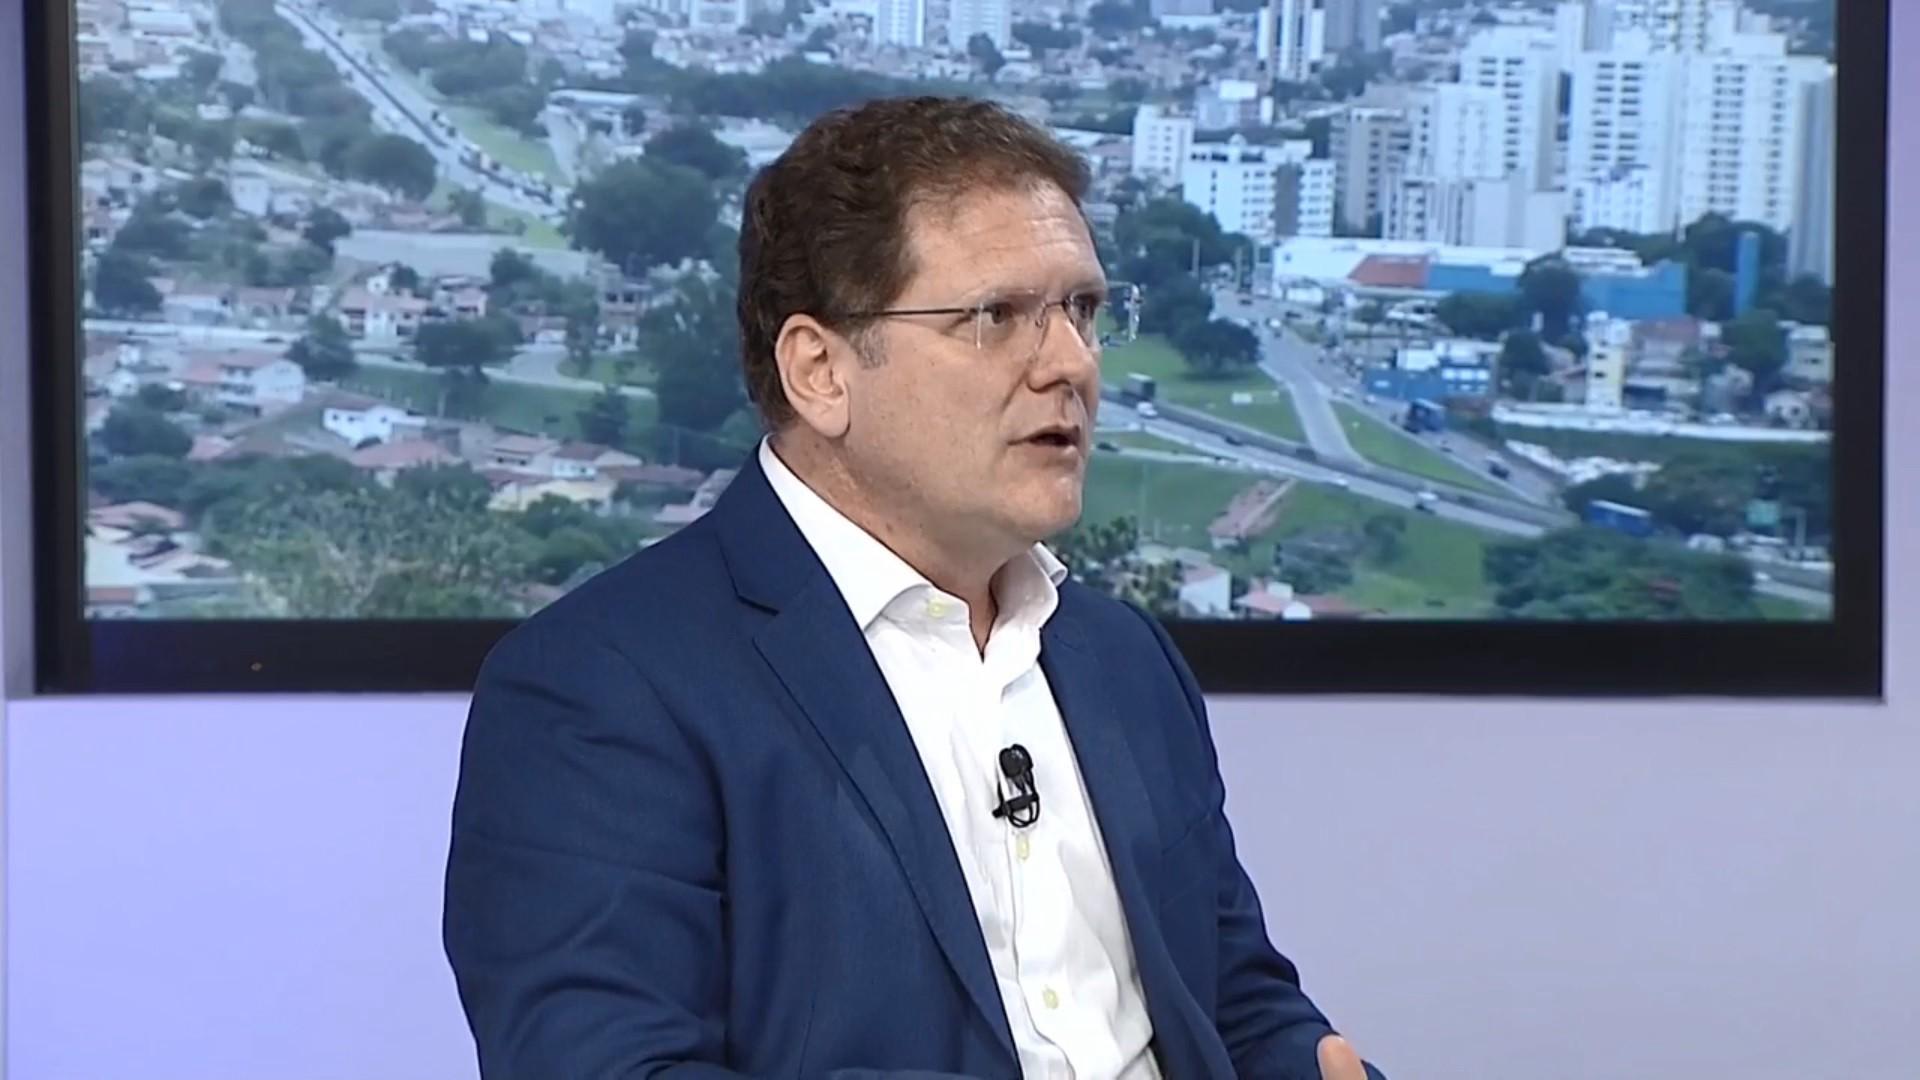 Prefeito de Campos do Jordão, Fred Guidoni, testa positivo para Covid-19